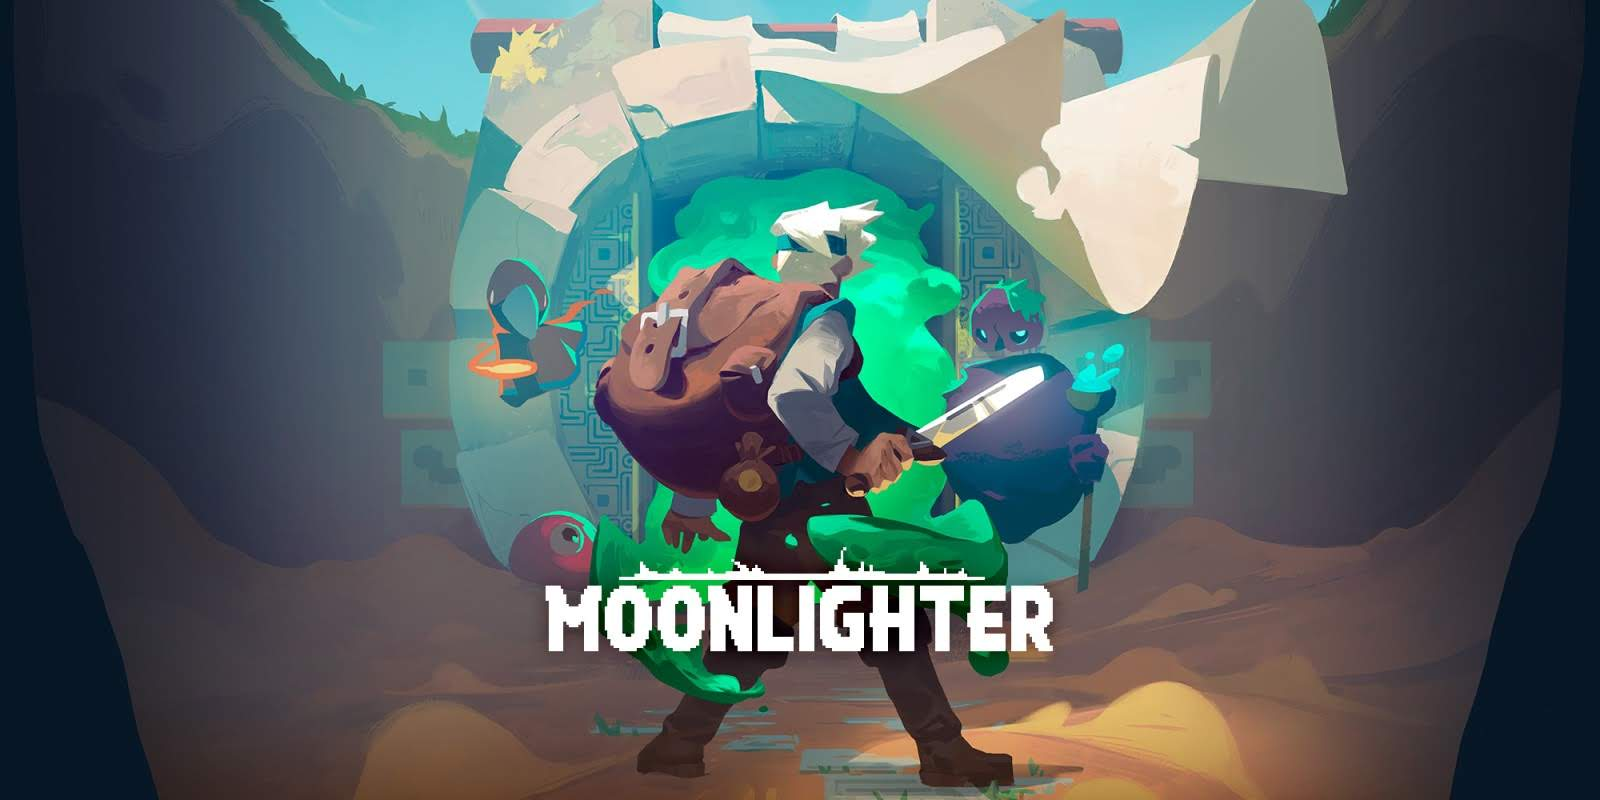 moonlighter-v111233